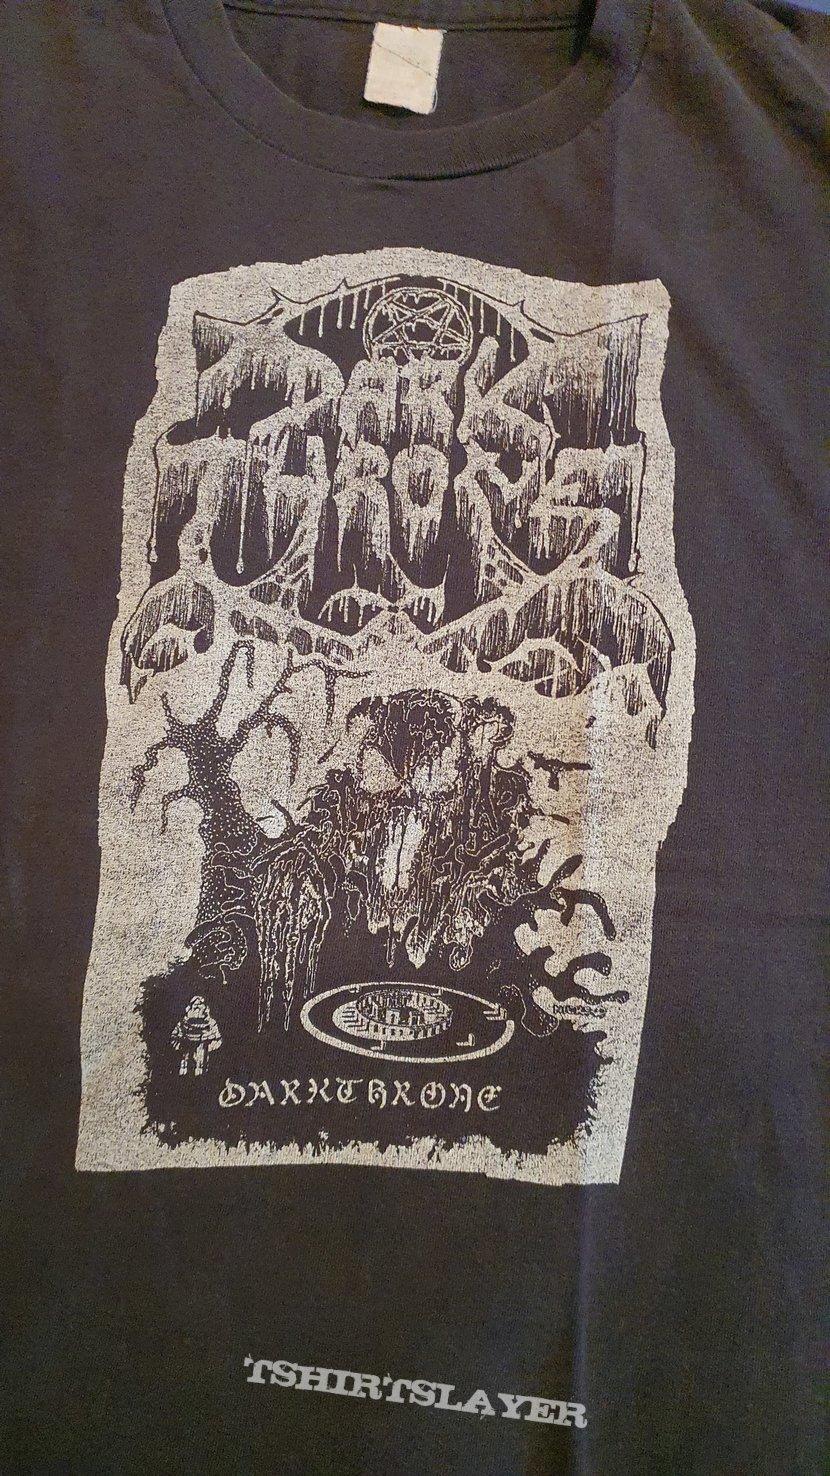 Darkthrone 1989 demo shirt